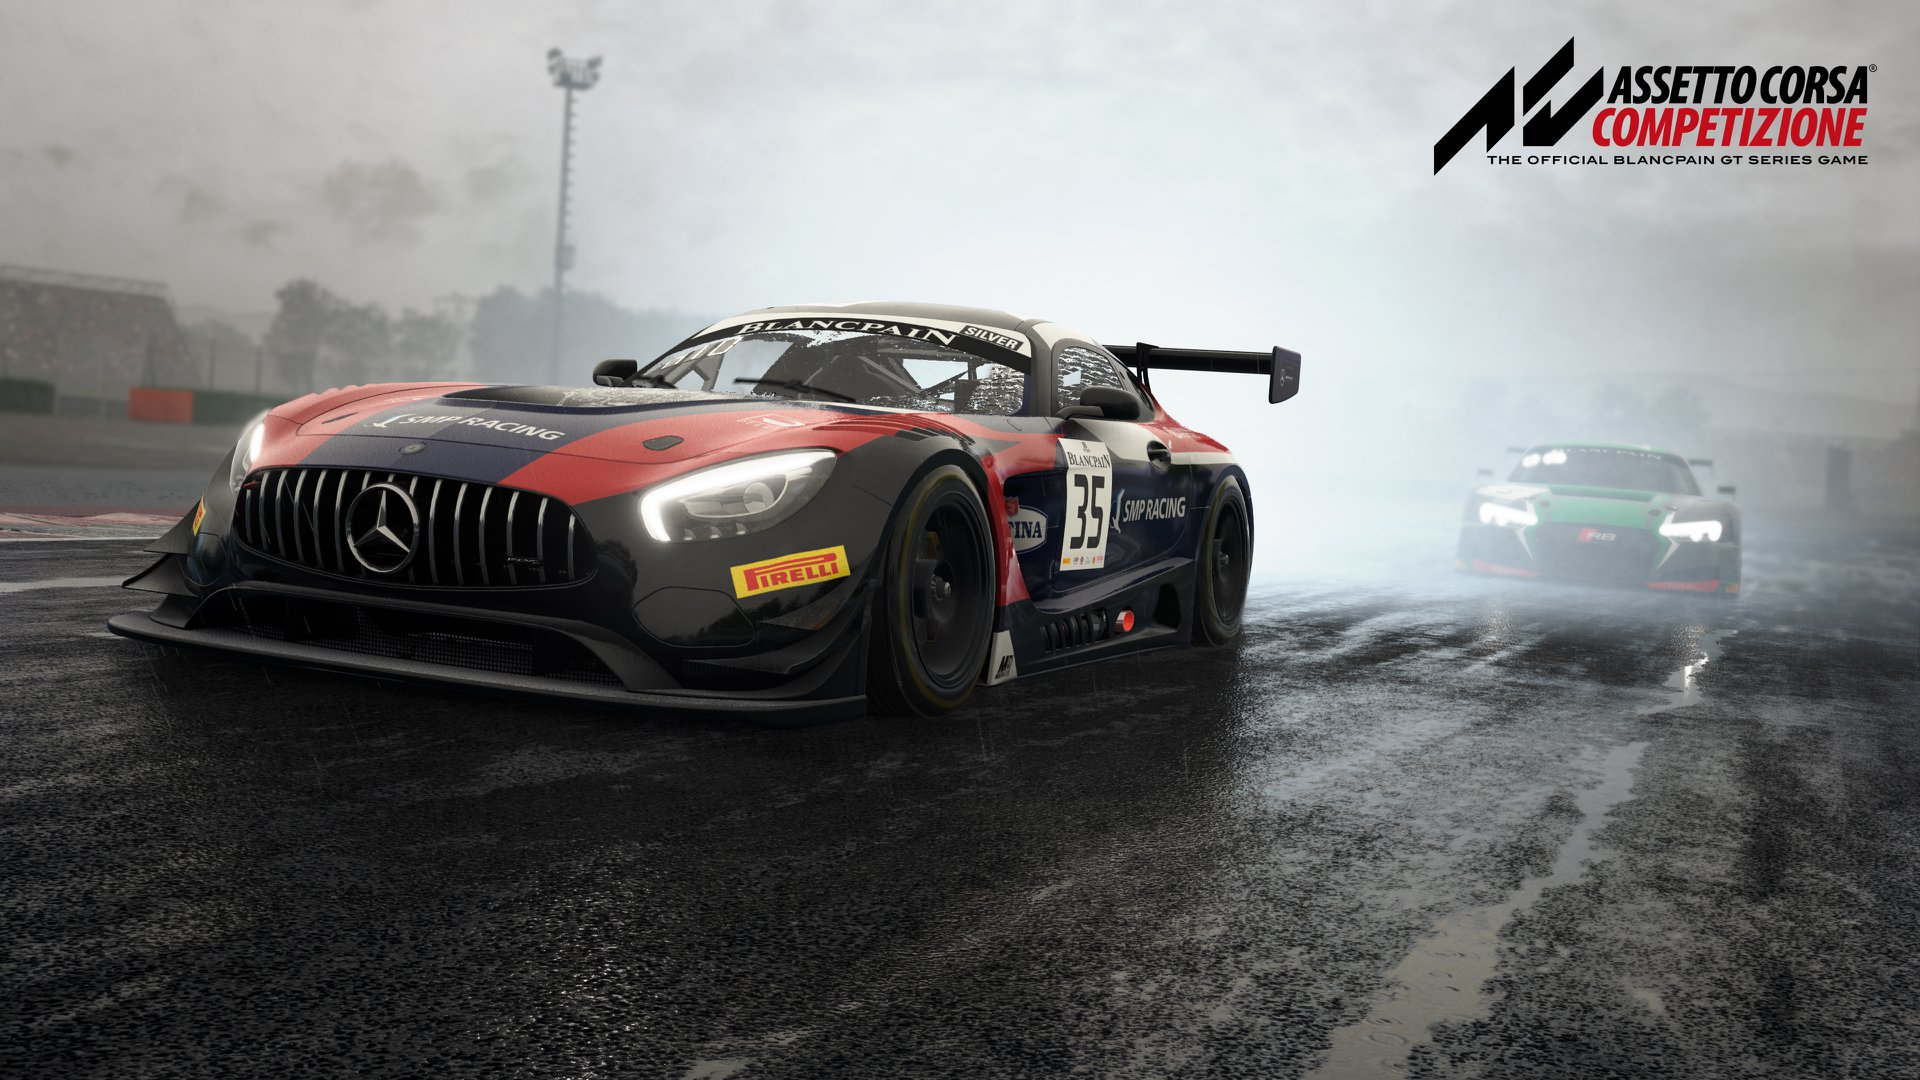 Assetto Corsa Competizione GamersRD